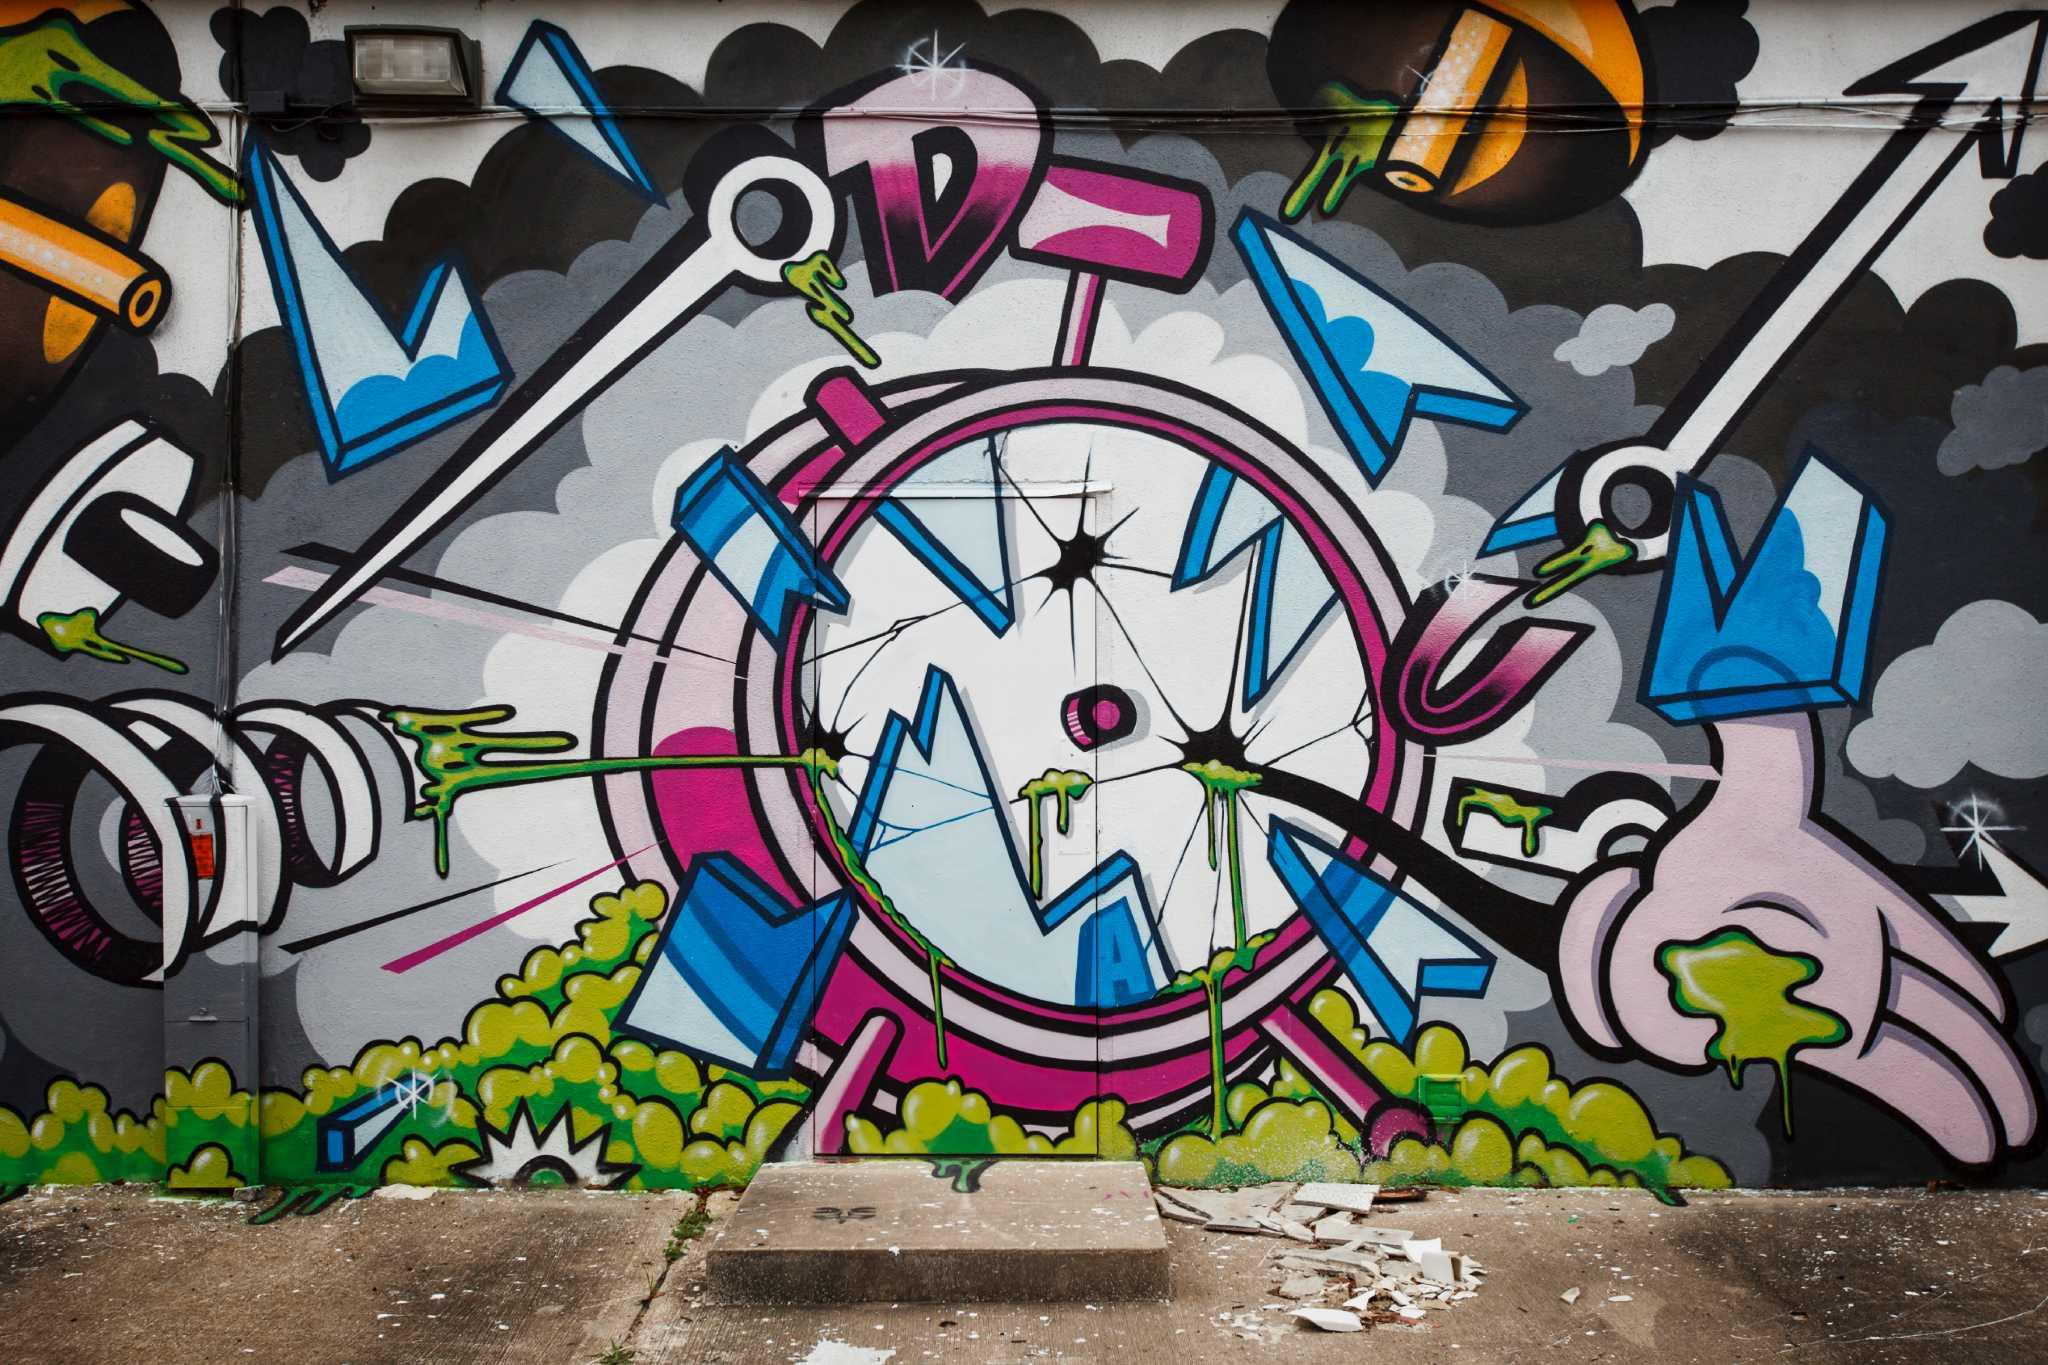 Popular Graffiti Style Art Spot The Mullet Asking For